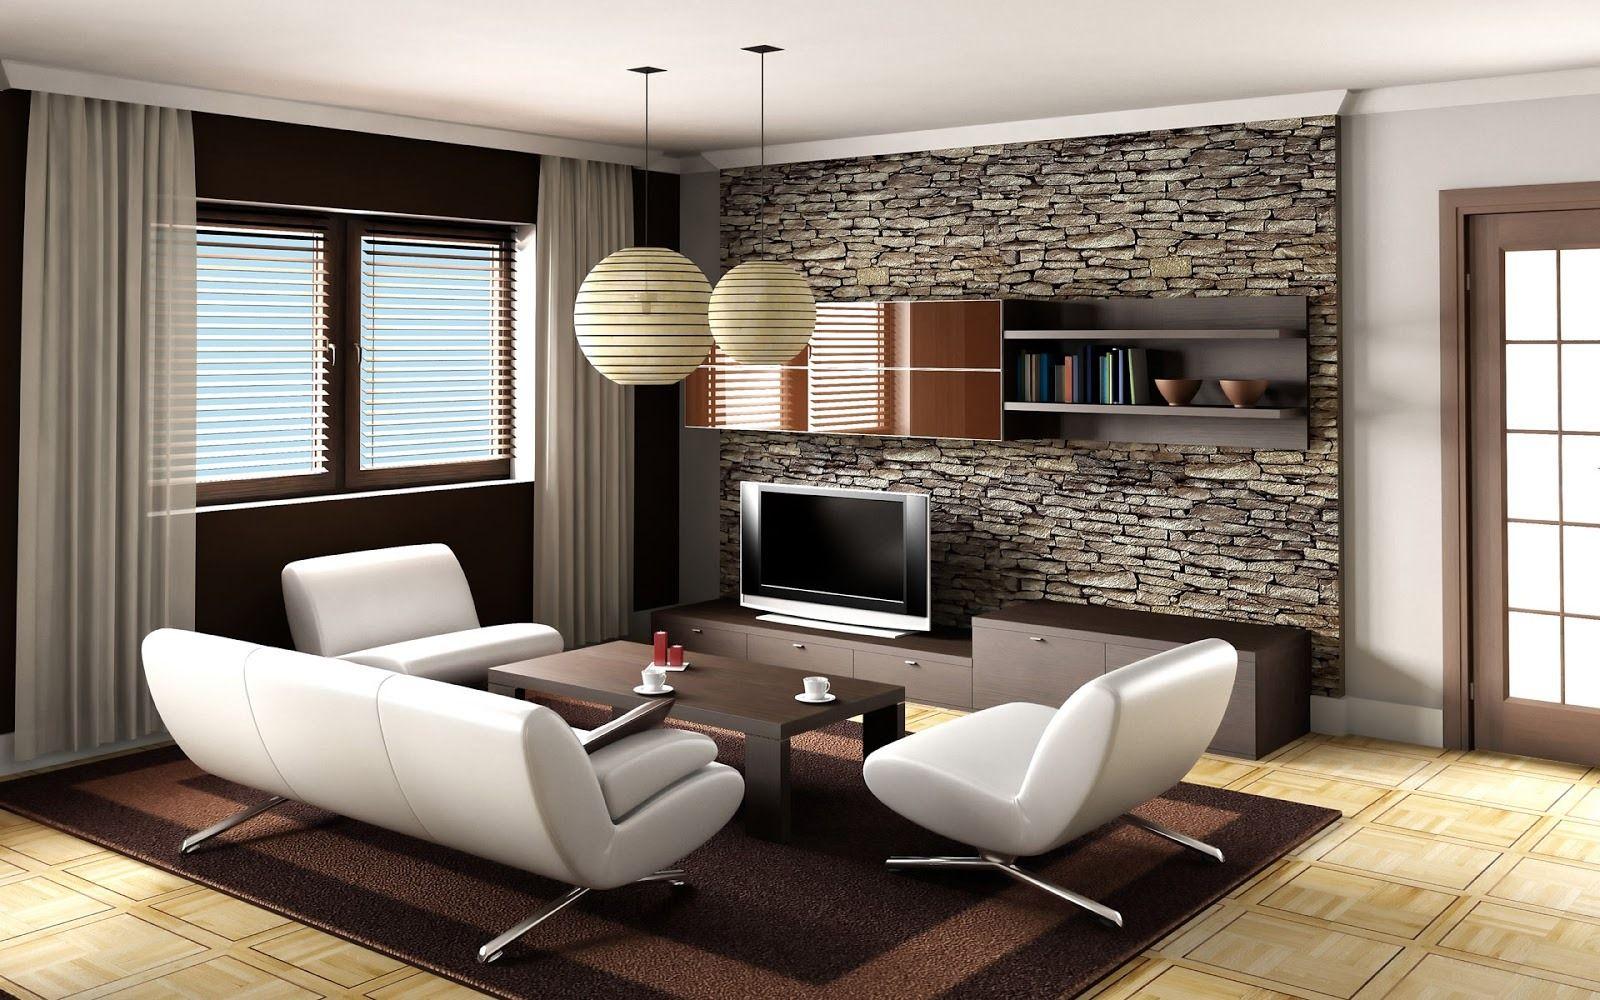 Desain Interior Rumah Idaman Minimalis Cek Bahan Bangunan